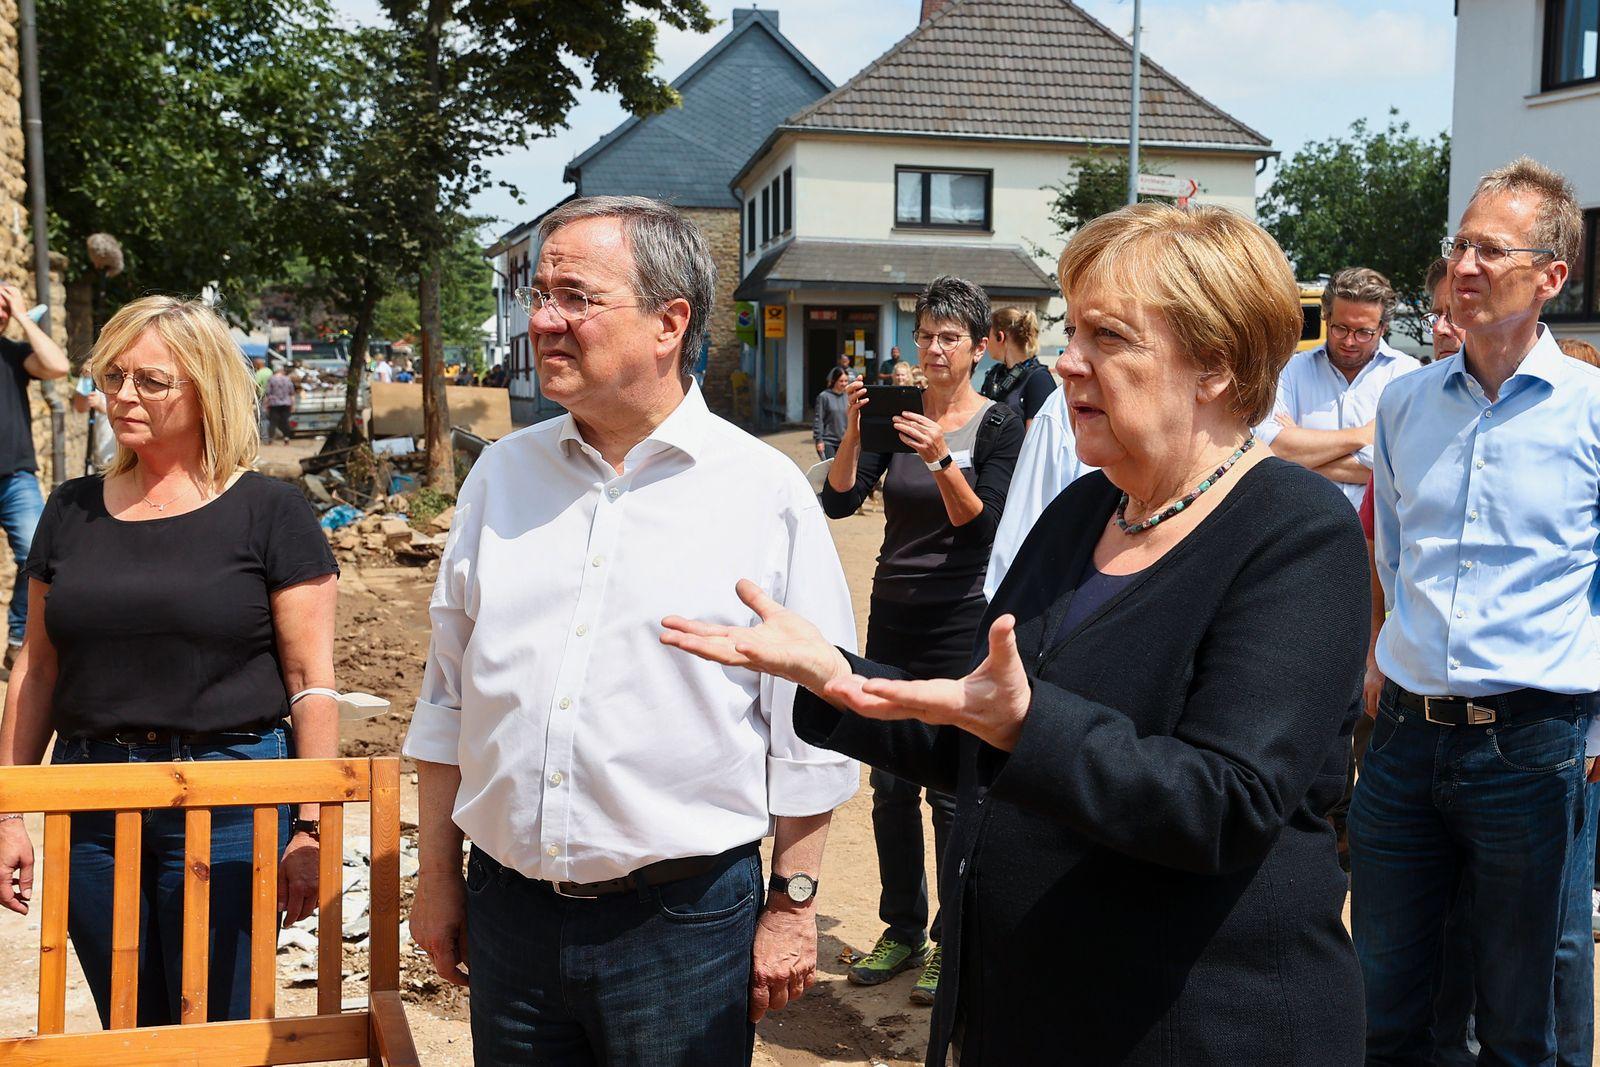 Bundeskanzlerin Angela Merkel in Bad Münstereifel